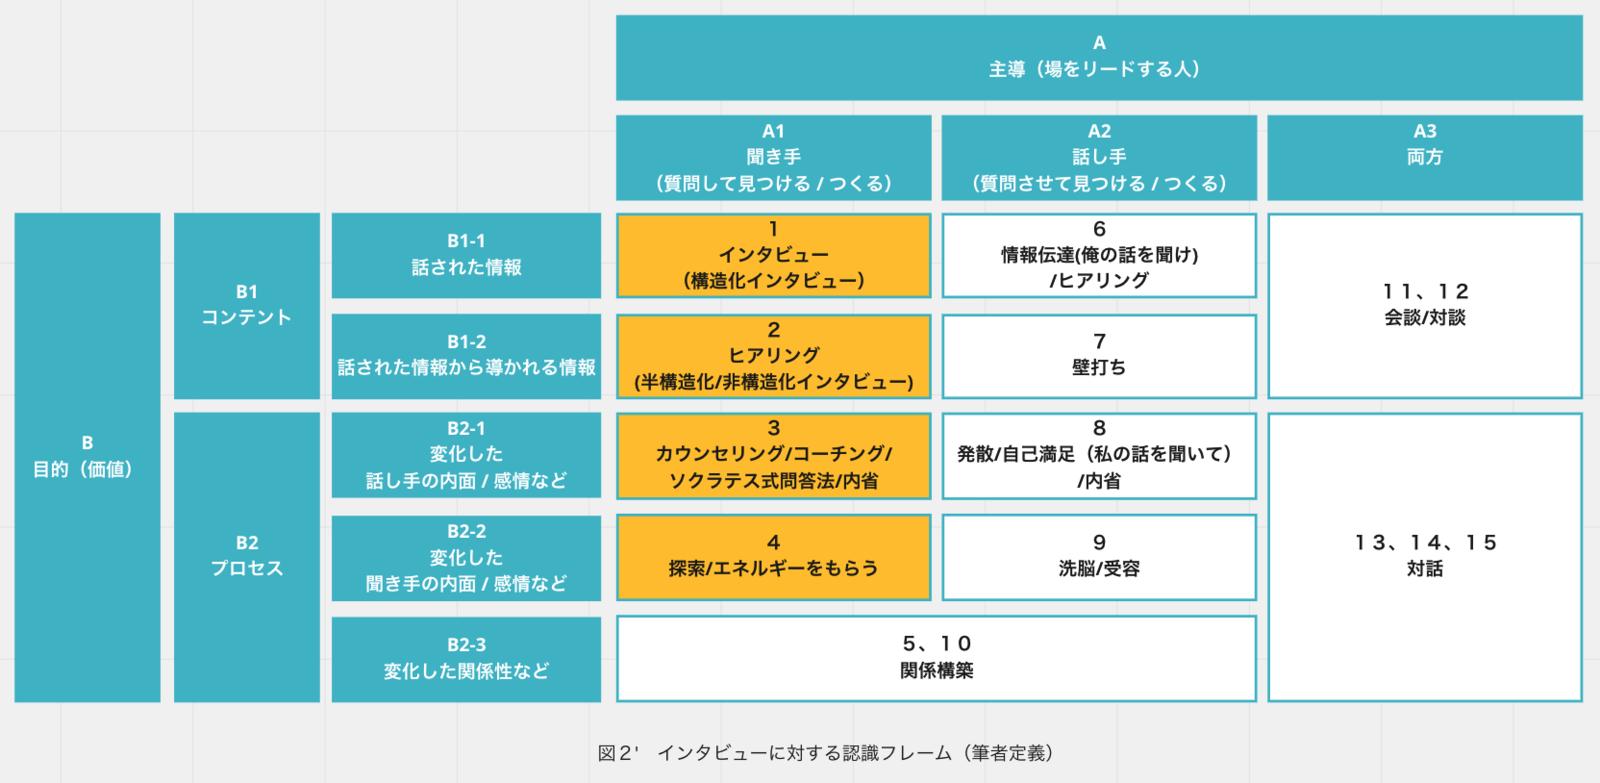 f:id:yoshitsugumi:20201226034956p:plain